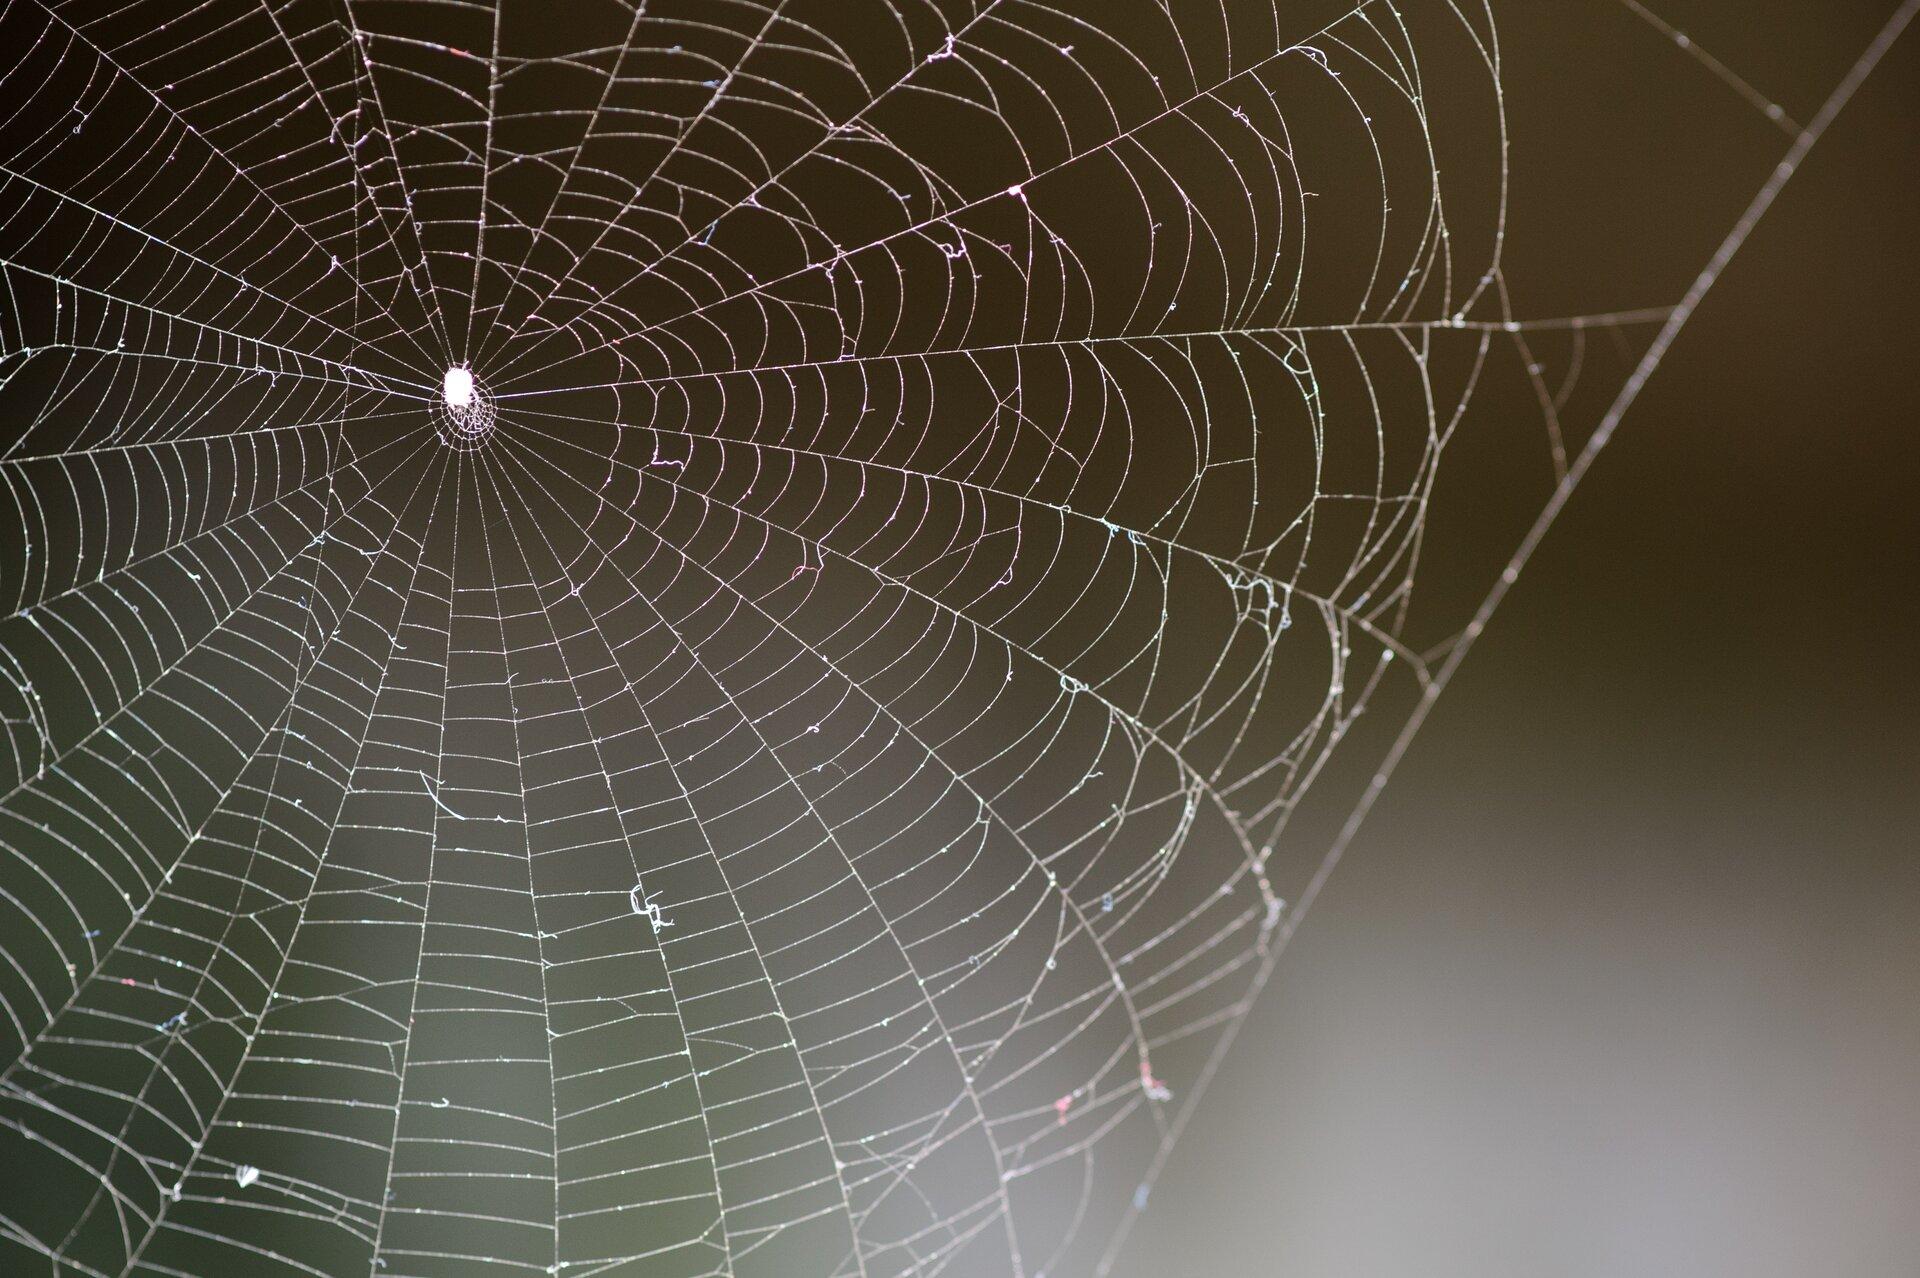 Fotografia przedstawia na czarnym tle fragment białej pajęczej sieci. Można odróżnić grubsze promieniste nici bazowe od lepkich, zkropelkami nici wątku. Wcentrum sieci biała sylwetka pająka.